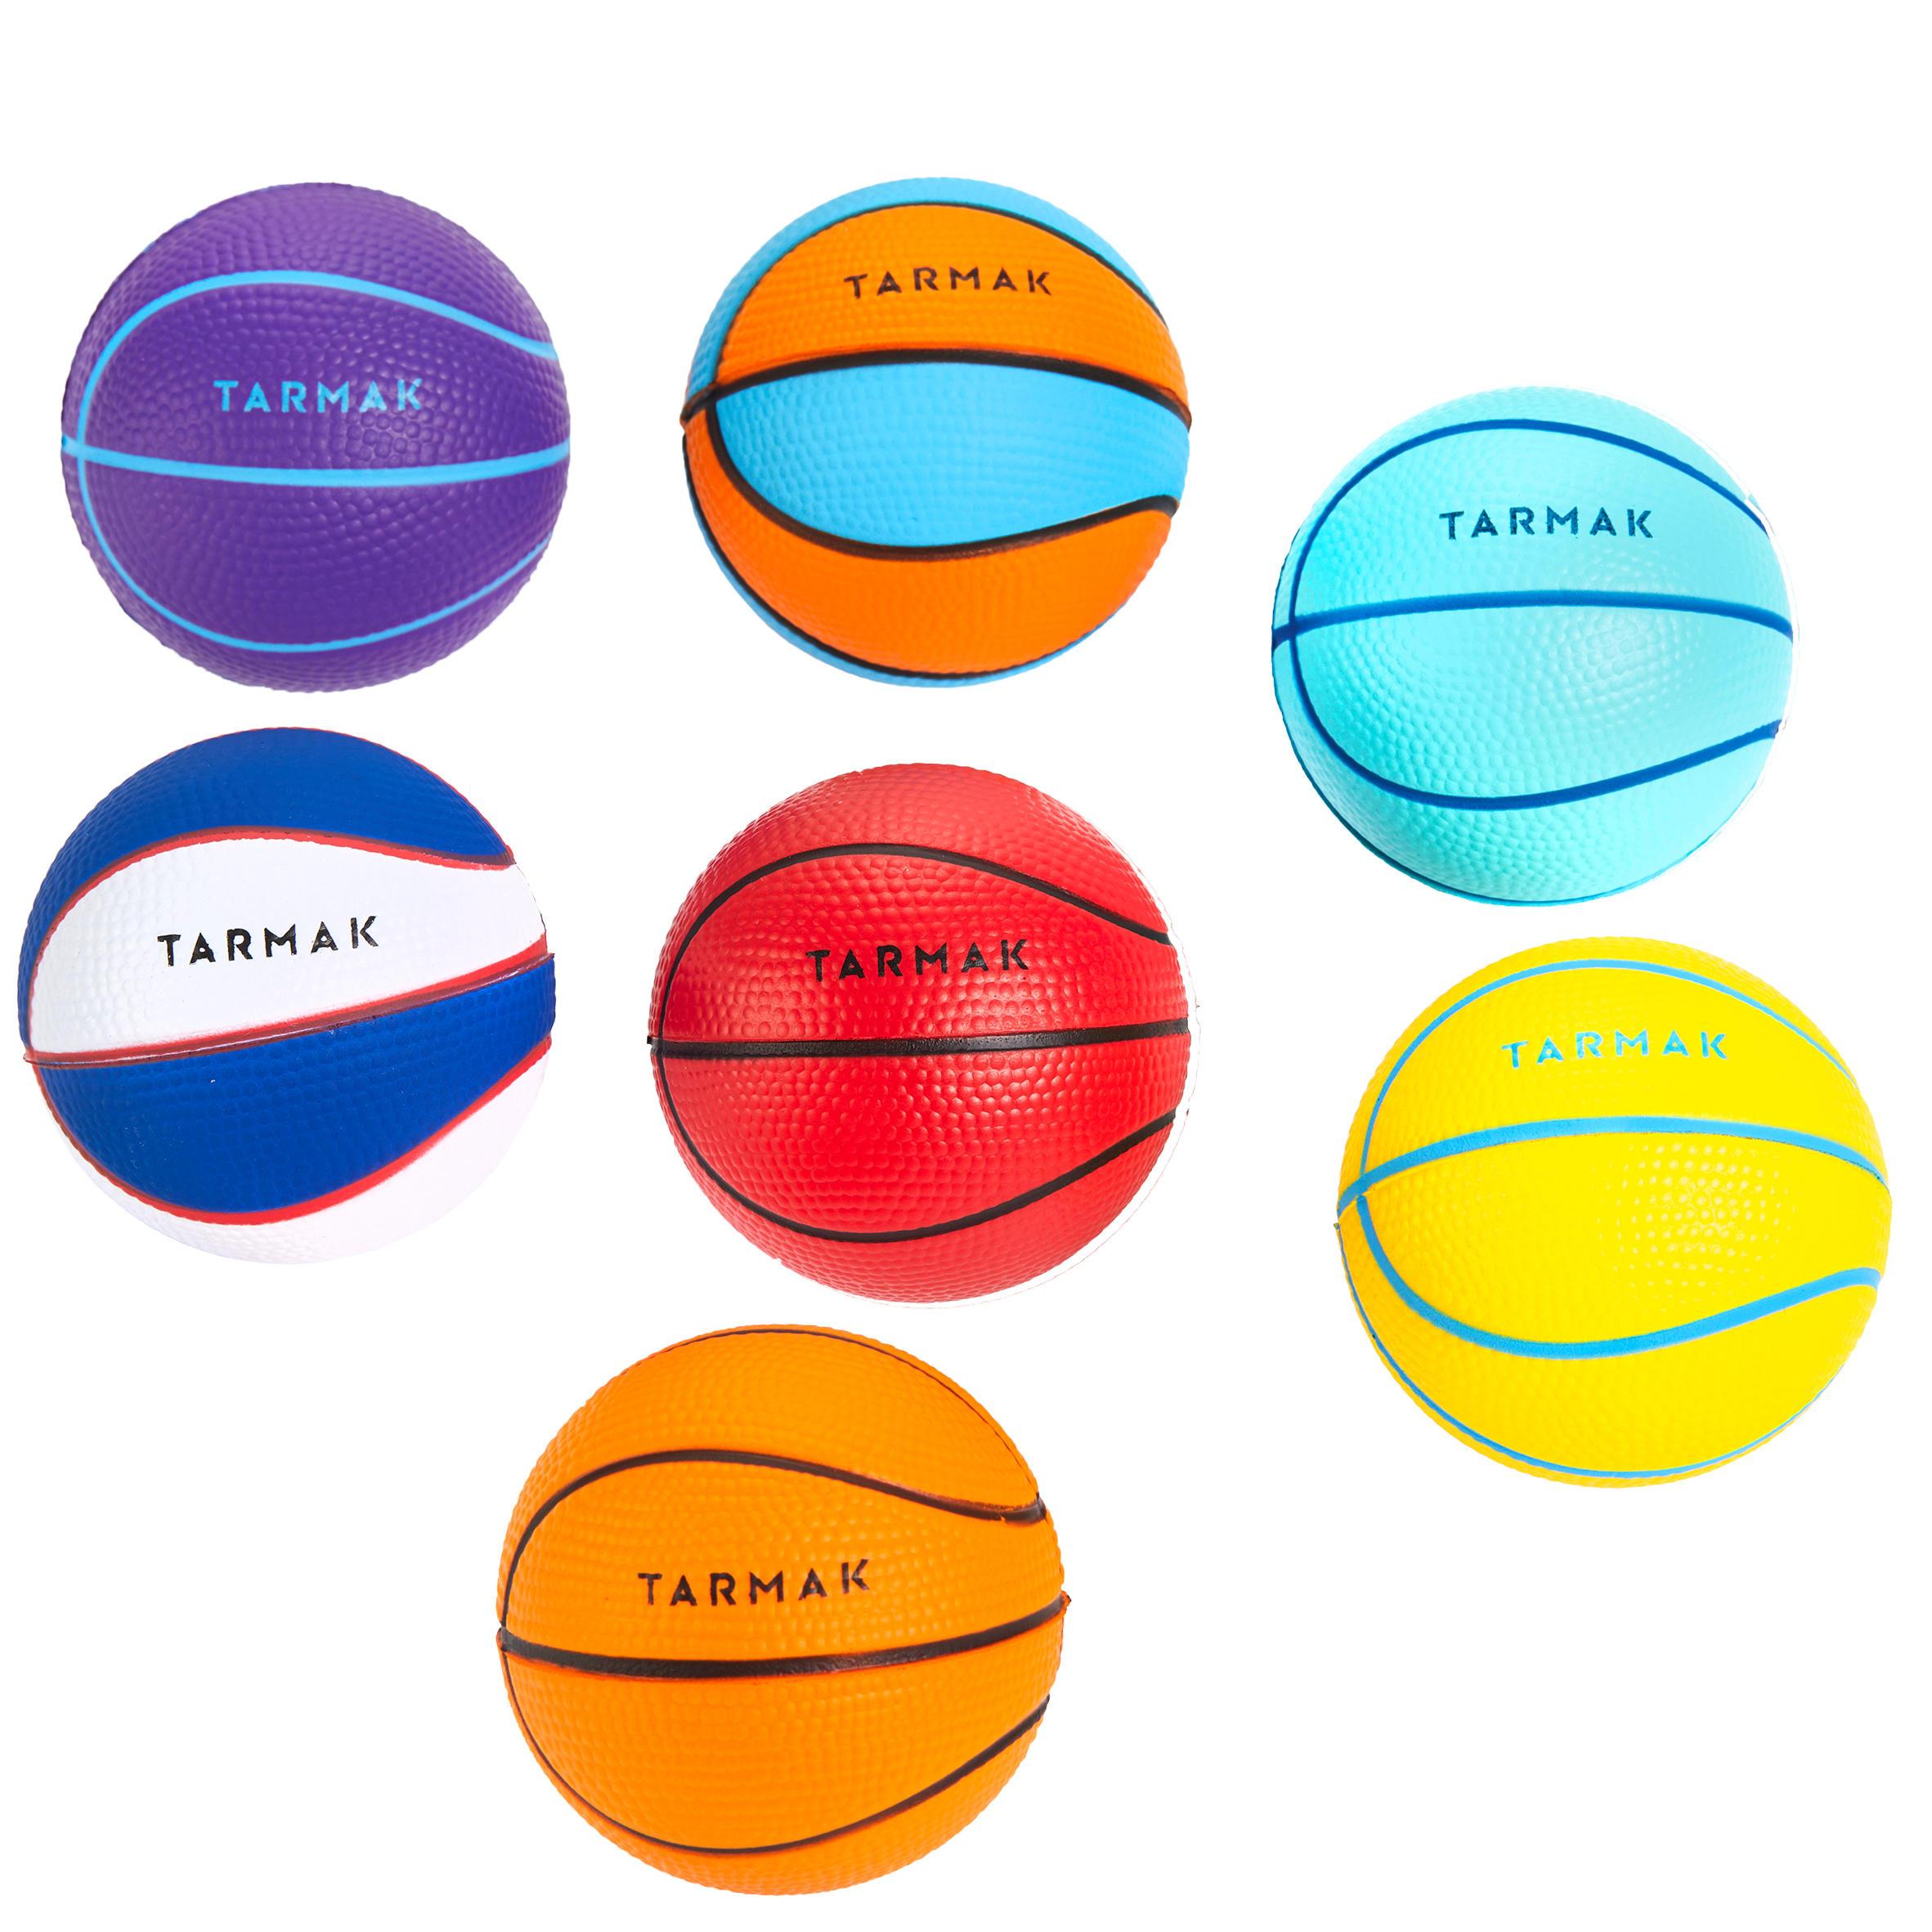 Tarmak Mini basketbal schuim Ideaal voor miniborden